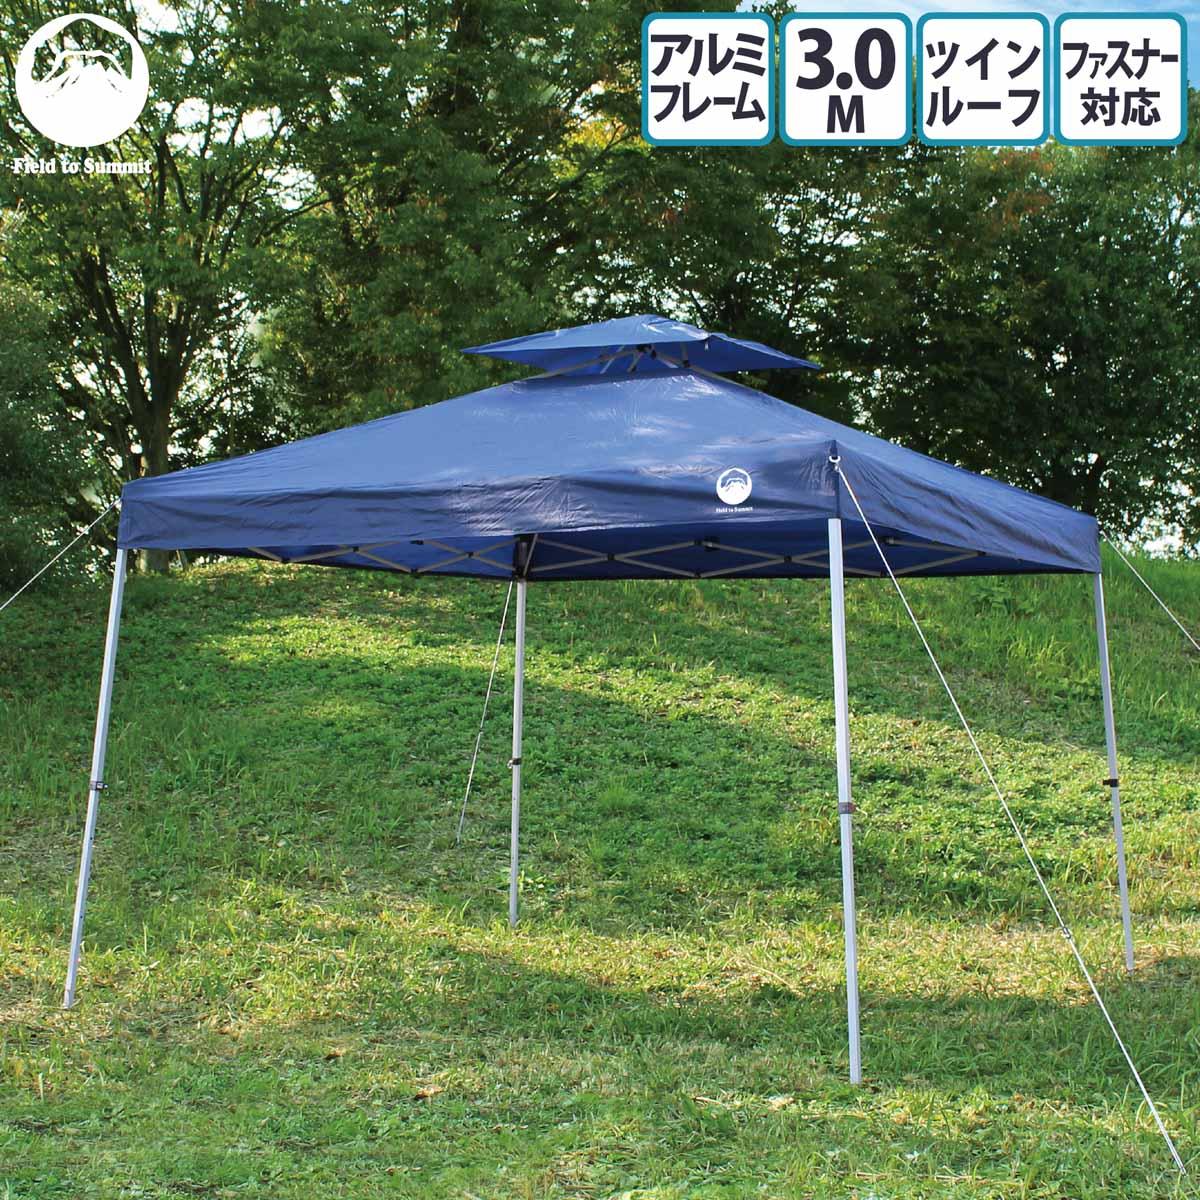 【送料無料】 Field to Summit アルミワンタッチテント300 【3Mx3Mサイズ ツインルーフ アルミ製軽量テント キャリーバッグ 簡単 タープ 自立式 日除け ガーデン キャンプ BBQ タープテント 簡易テント 3M】